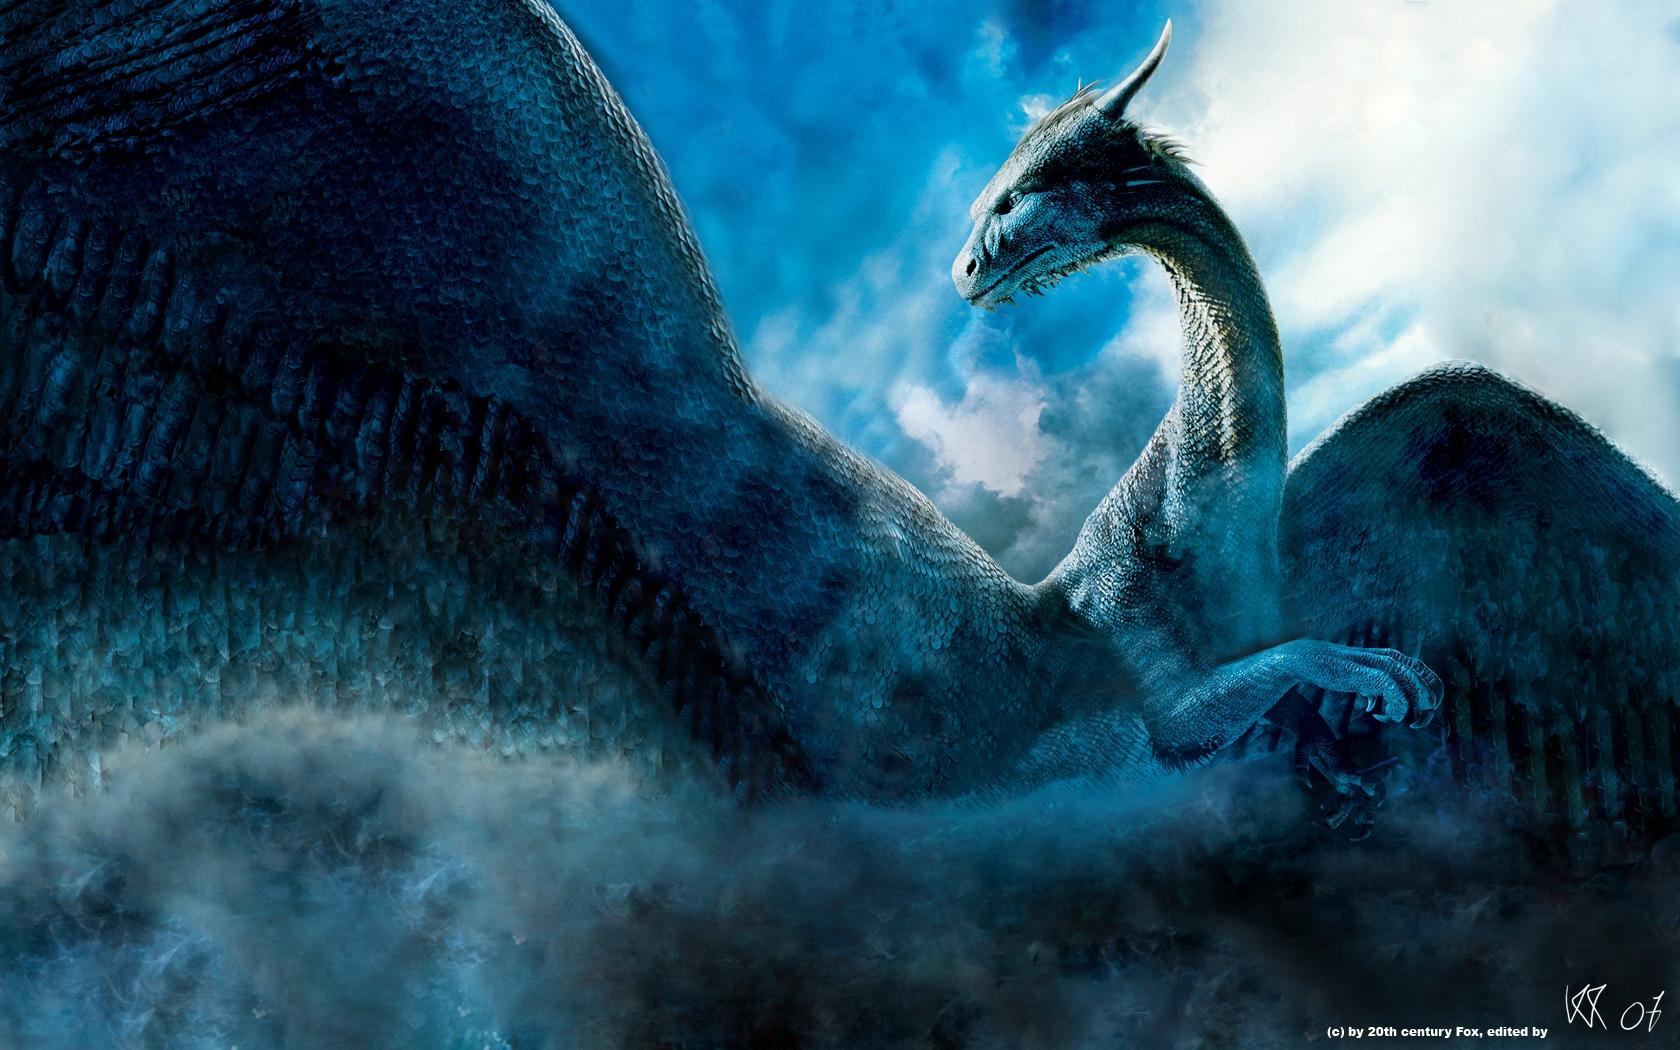 Fond D Ecran Dragon Image 1524 Wallpaper